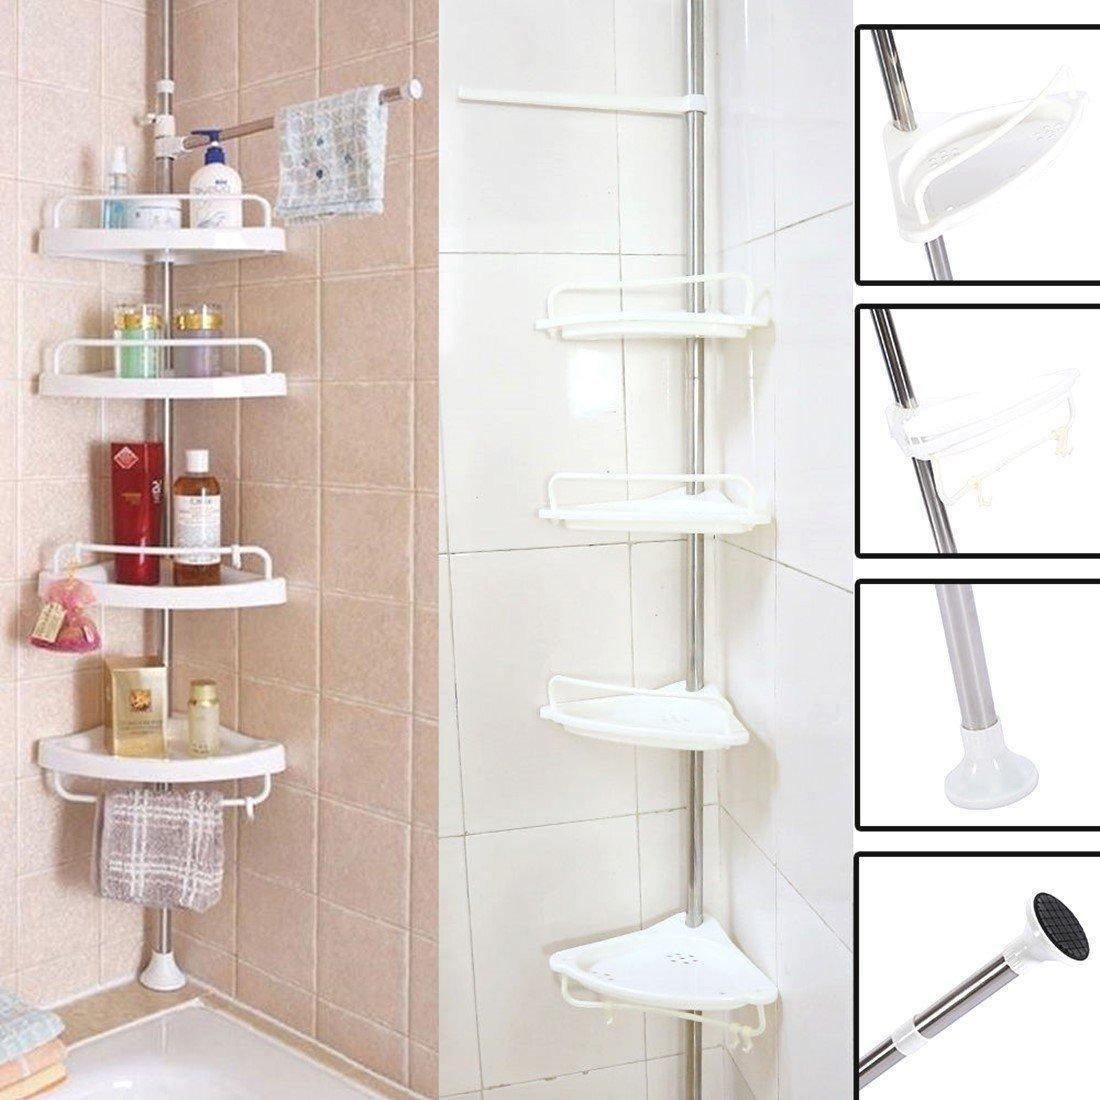 Zover 4 Tier Bathroom Corner Shelf Adjustable Telescopic Shower Shelf Shower Corner Rack White